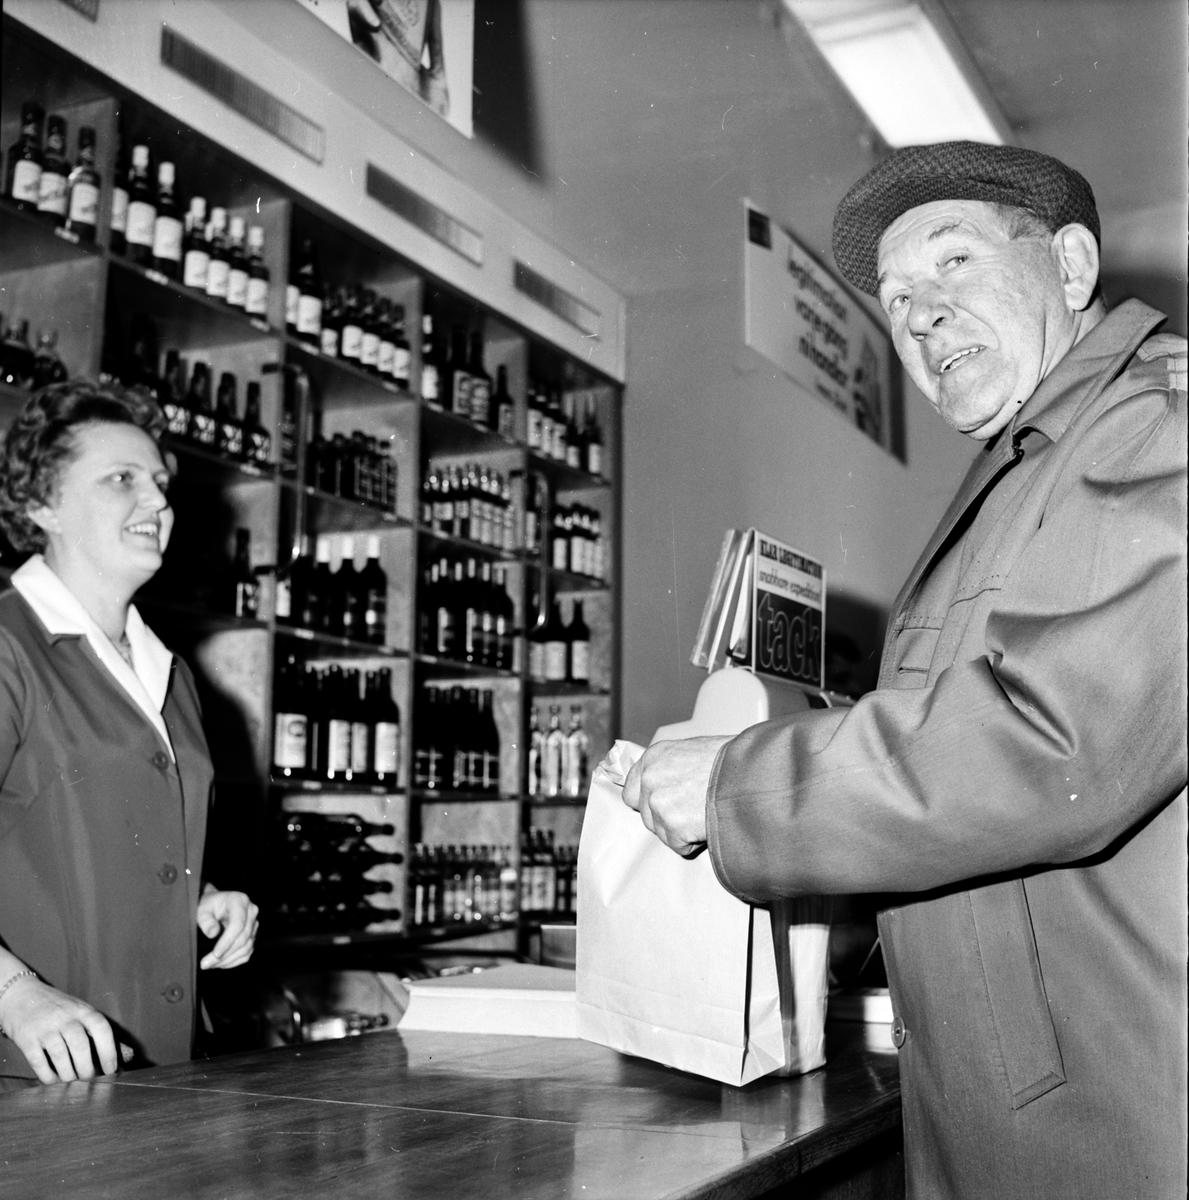 Systemet, Registreringen i Bollnäsbutiken, 2 Mars 1967